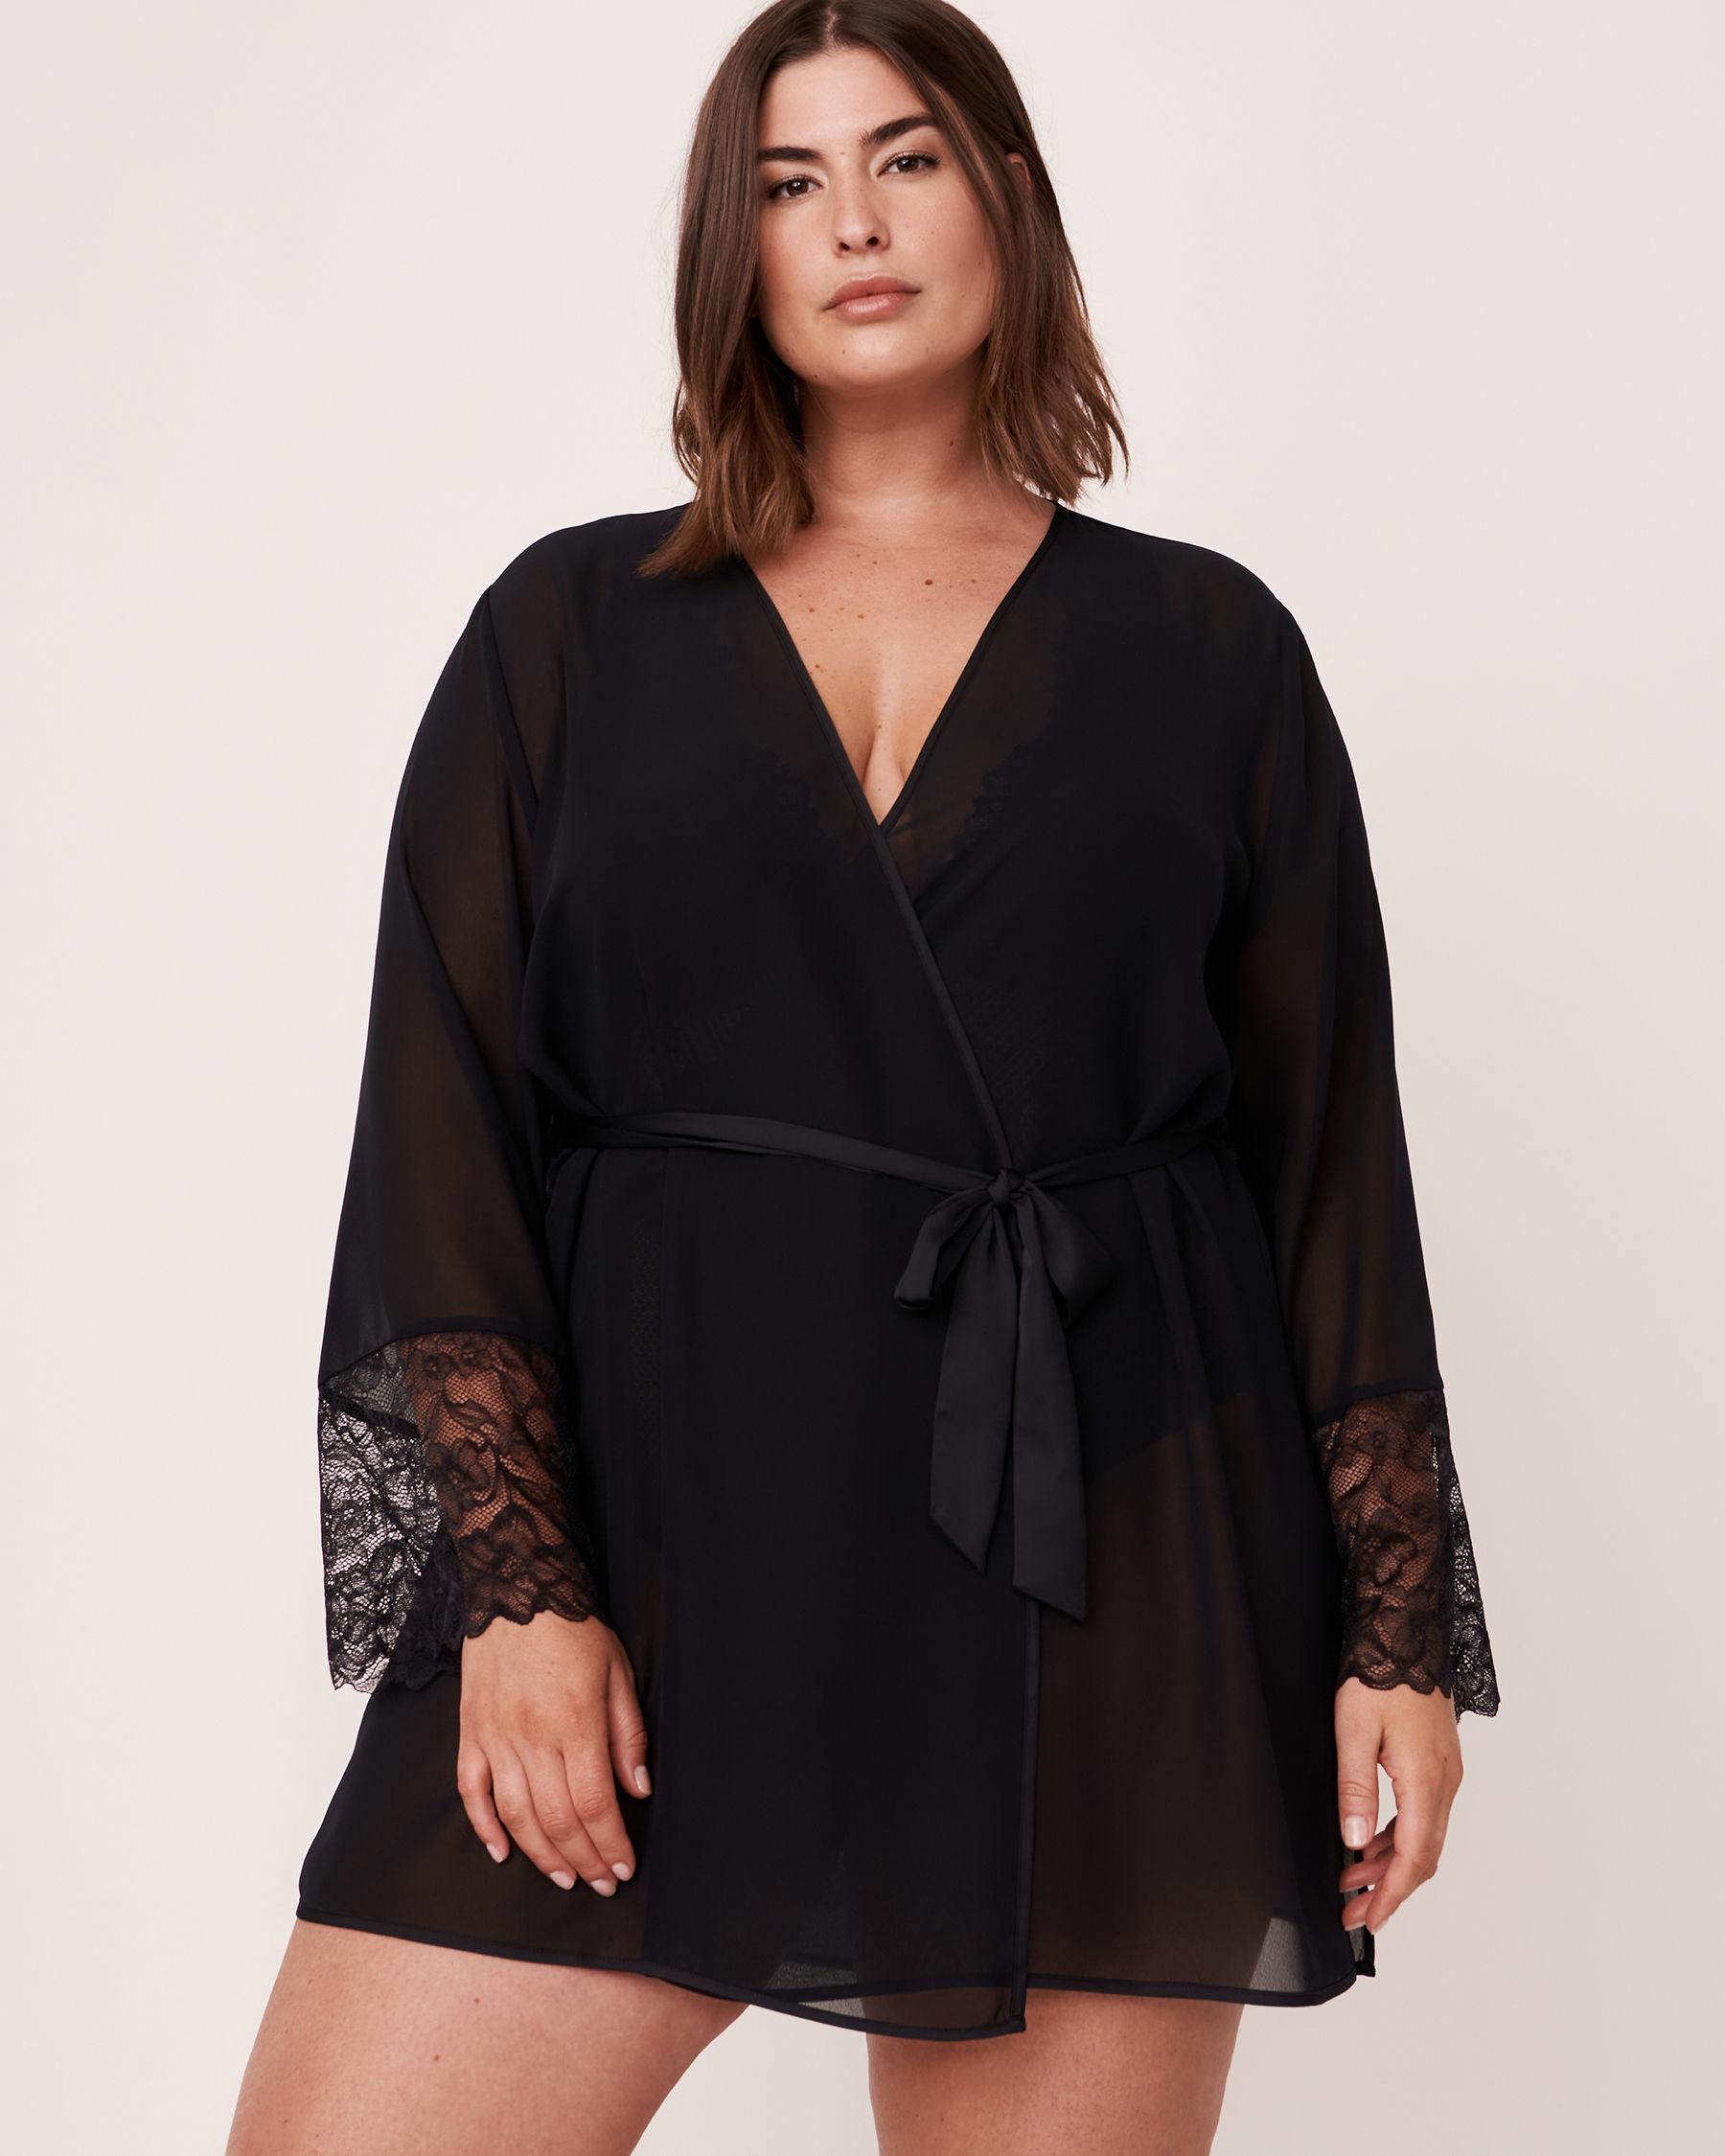 LA VIE EN ROSE Lace Trim Kimono Black 60600006 - View5